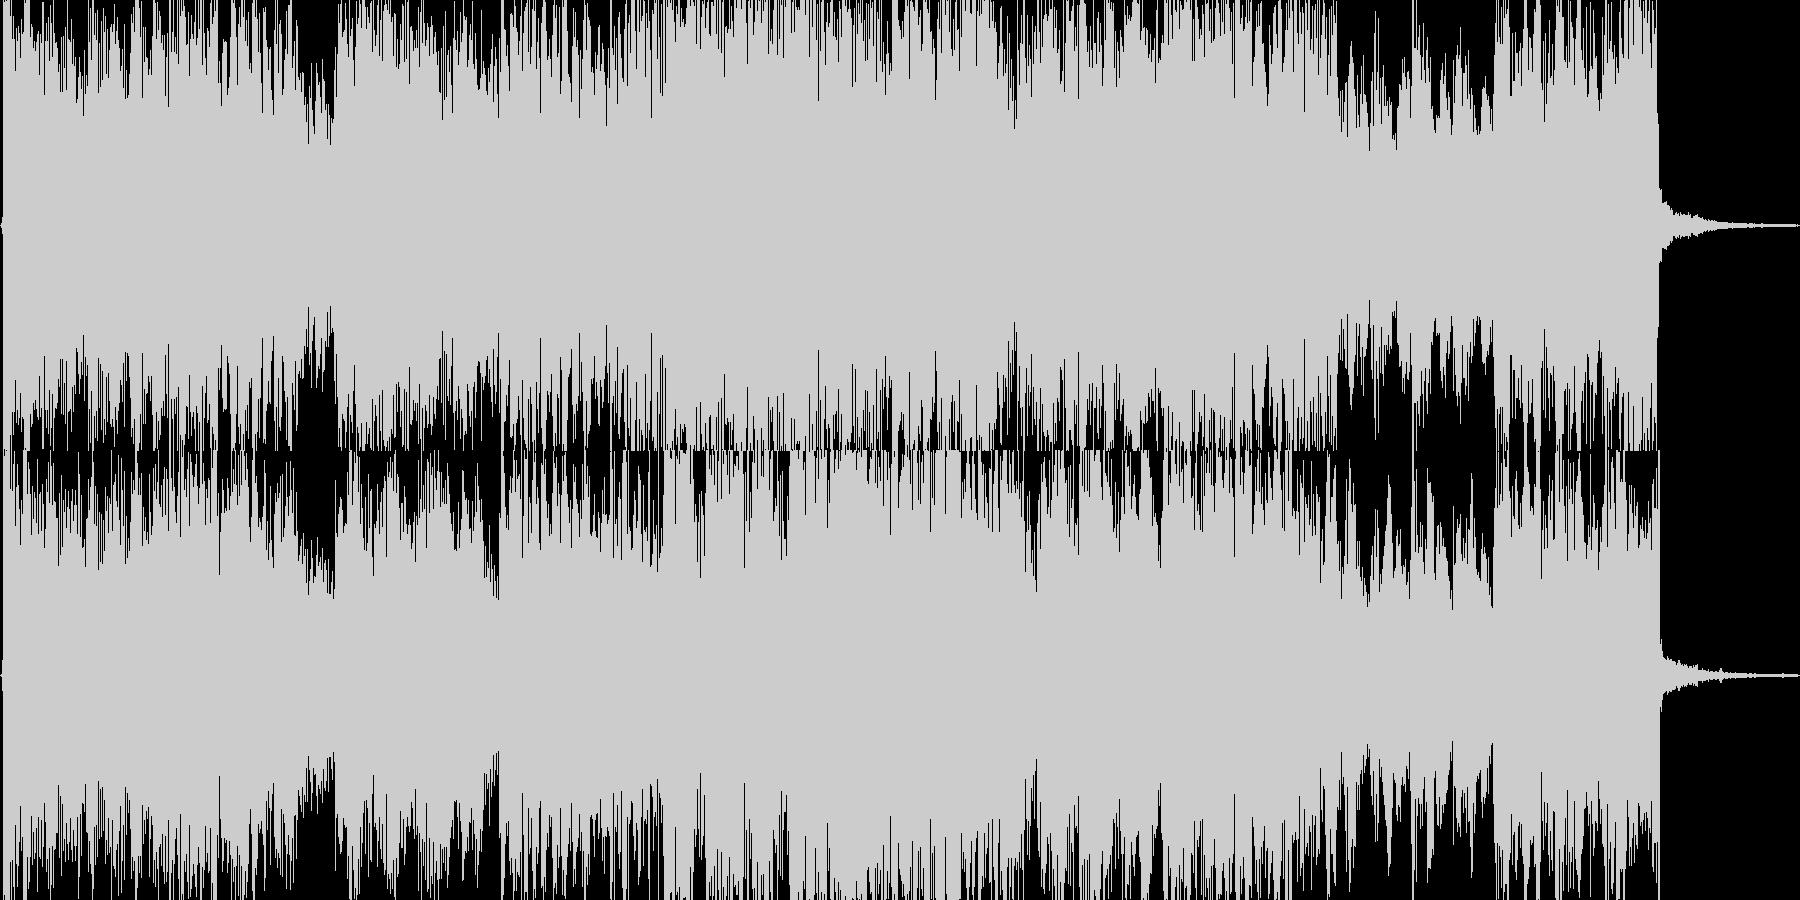 斬新でイメージ先行型のエレクトロポップの未再生の波形